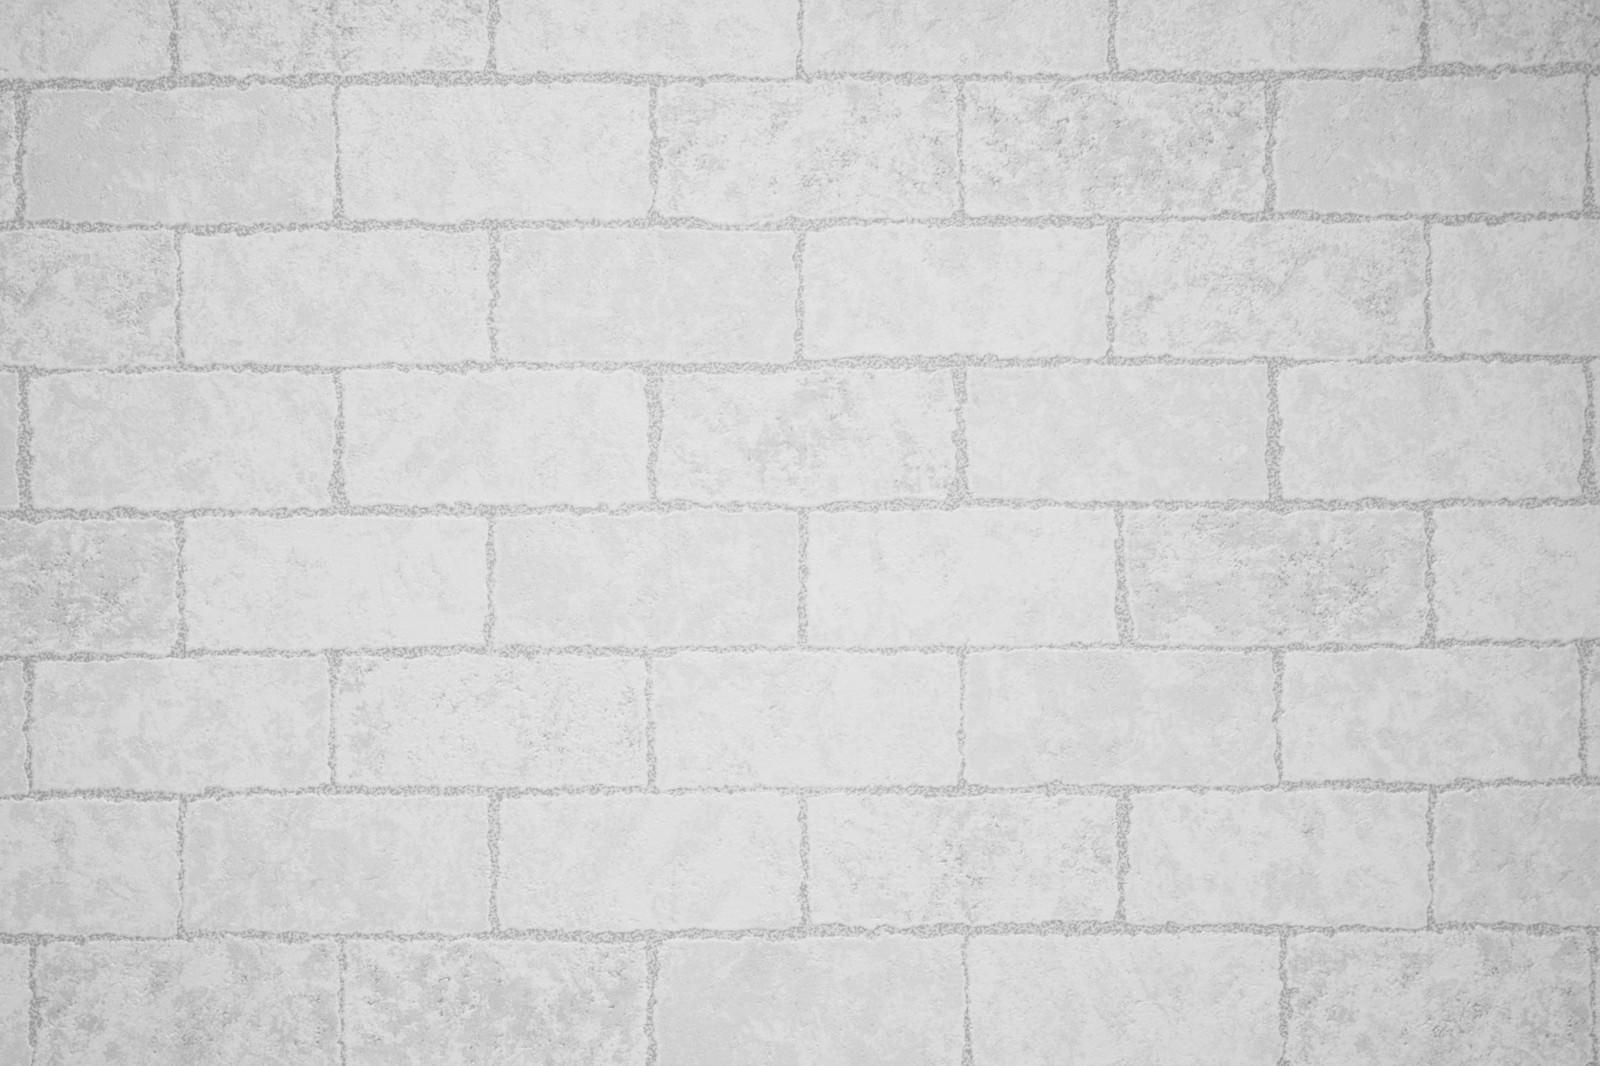 「タイル調の壁紙クロス」の写真